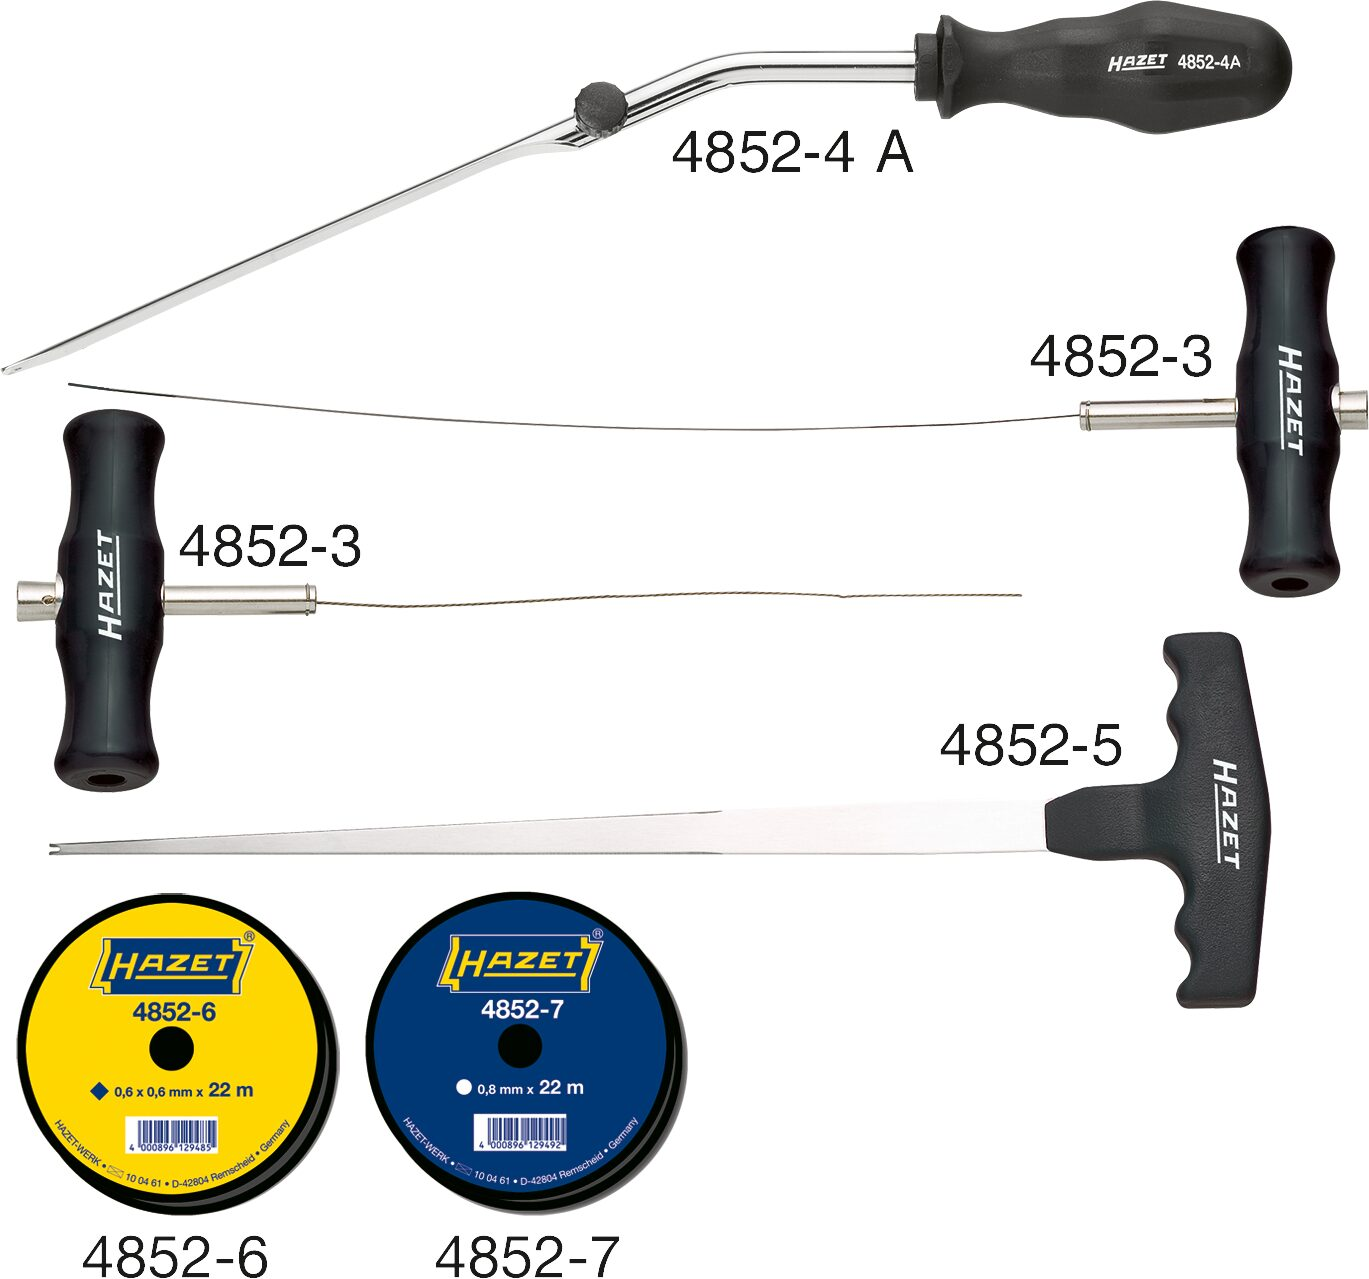 HAZET Ausglaswerkzeug Satz 4852/6 ∙ Anzahl Werkzeuge: 6